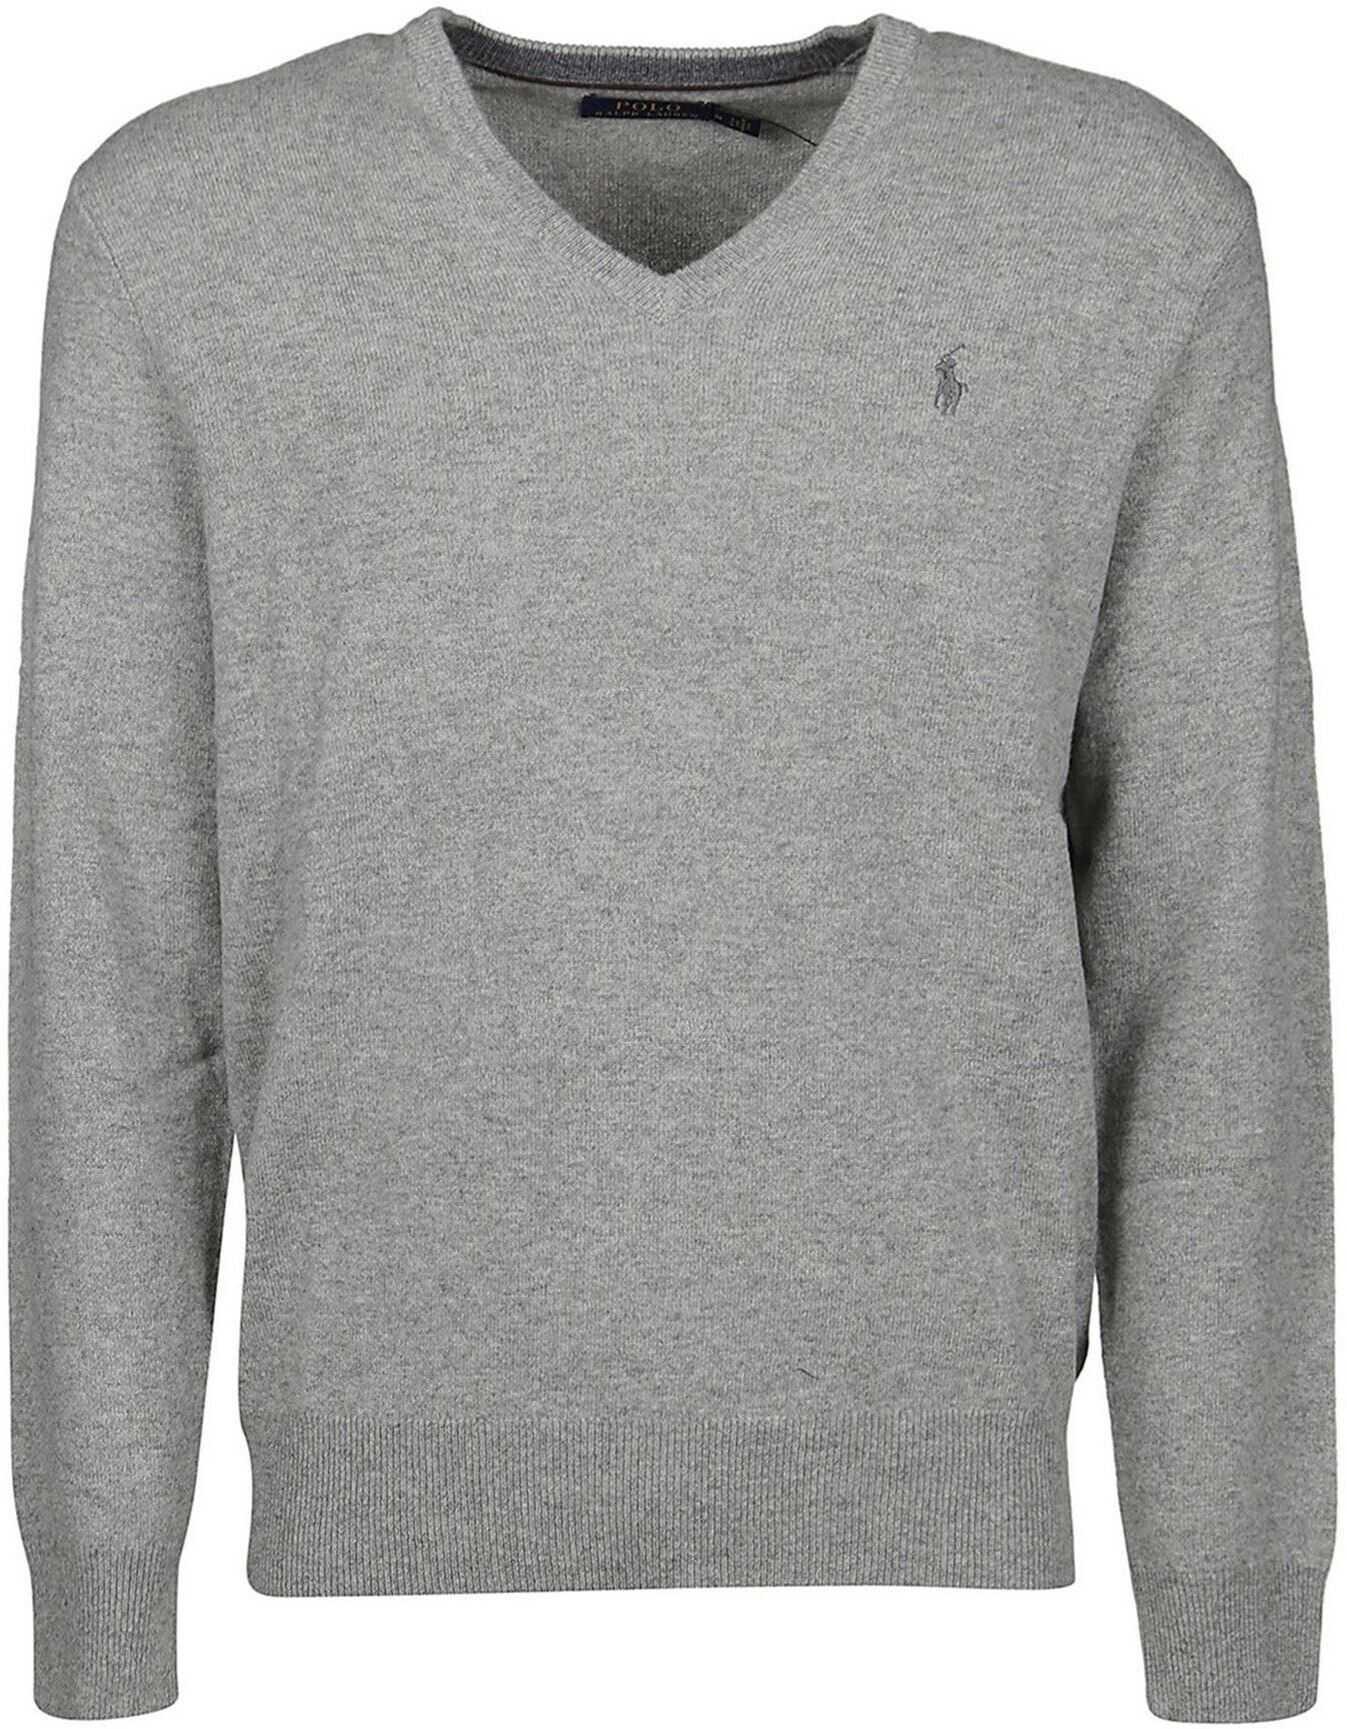 Ralph Lauren Merino Wool V Neck Pullover In Grey Grey imagine